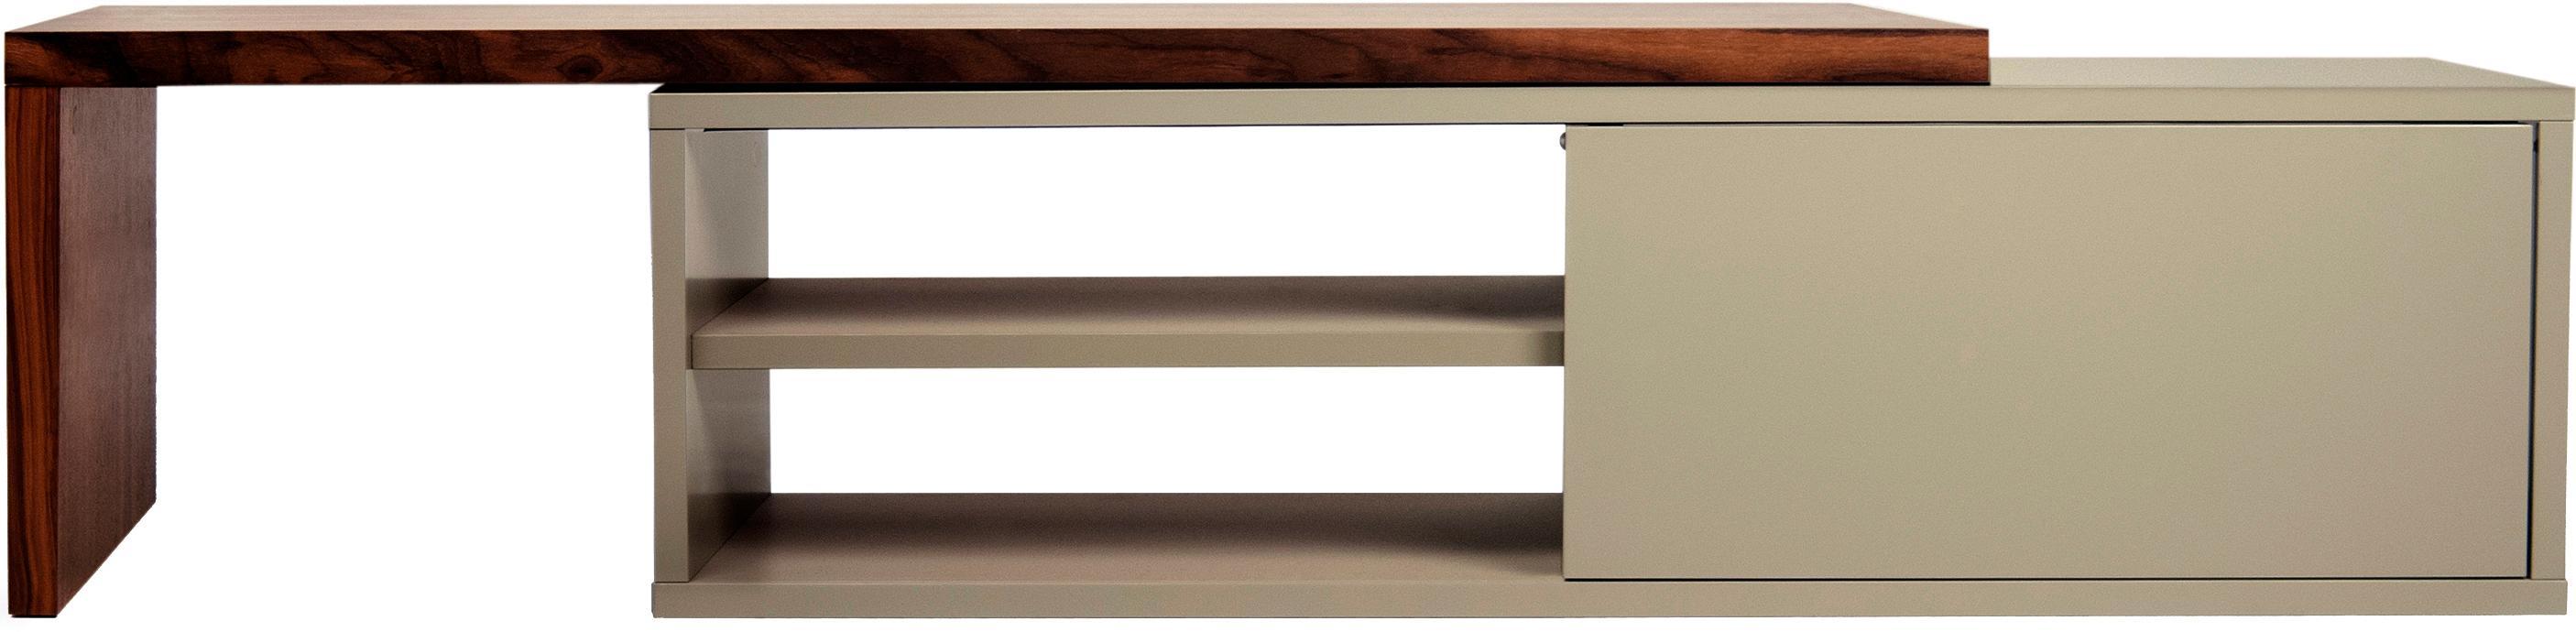 TV-Lowboard Lieke mit Schiebetür, Auflageelement: Mitteldichte Holzfaserpla, Lowboard: Mitteldichte Holzfaserpla, Walnussholz, Grau, 110 x 32 cm